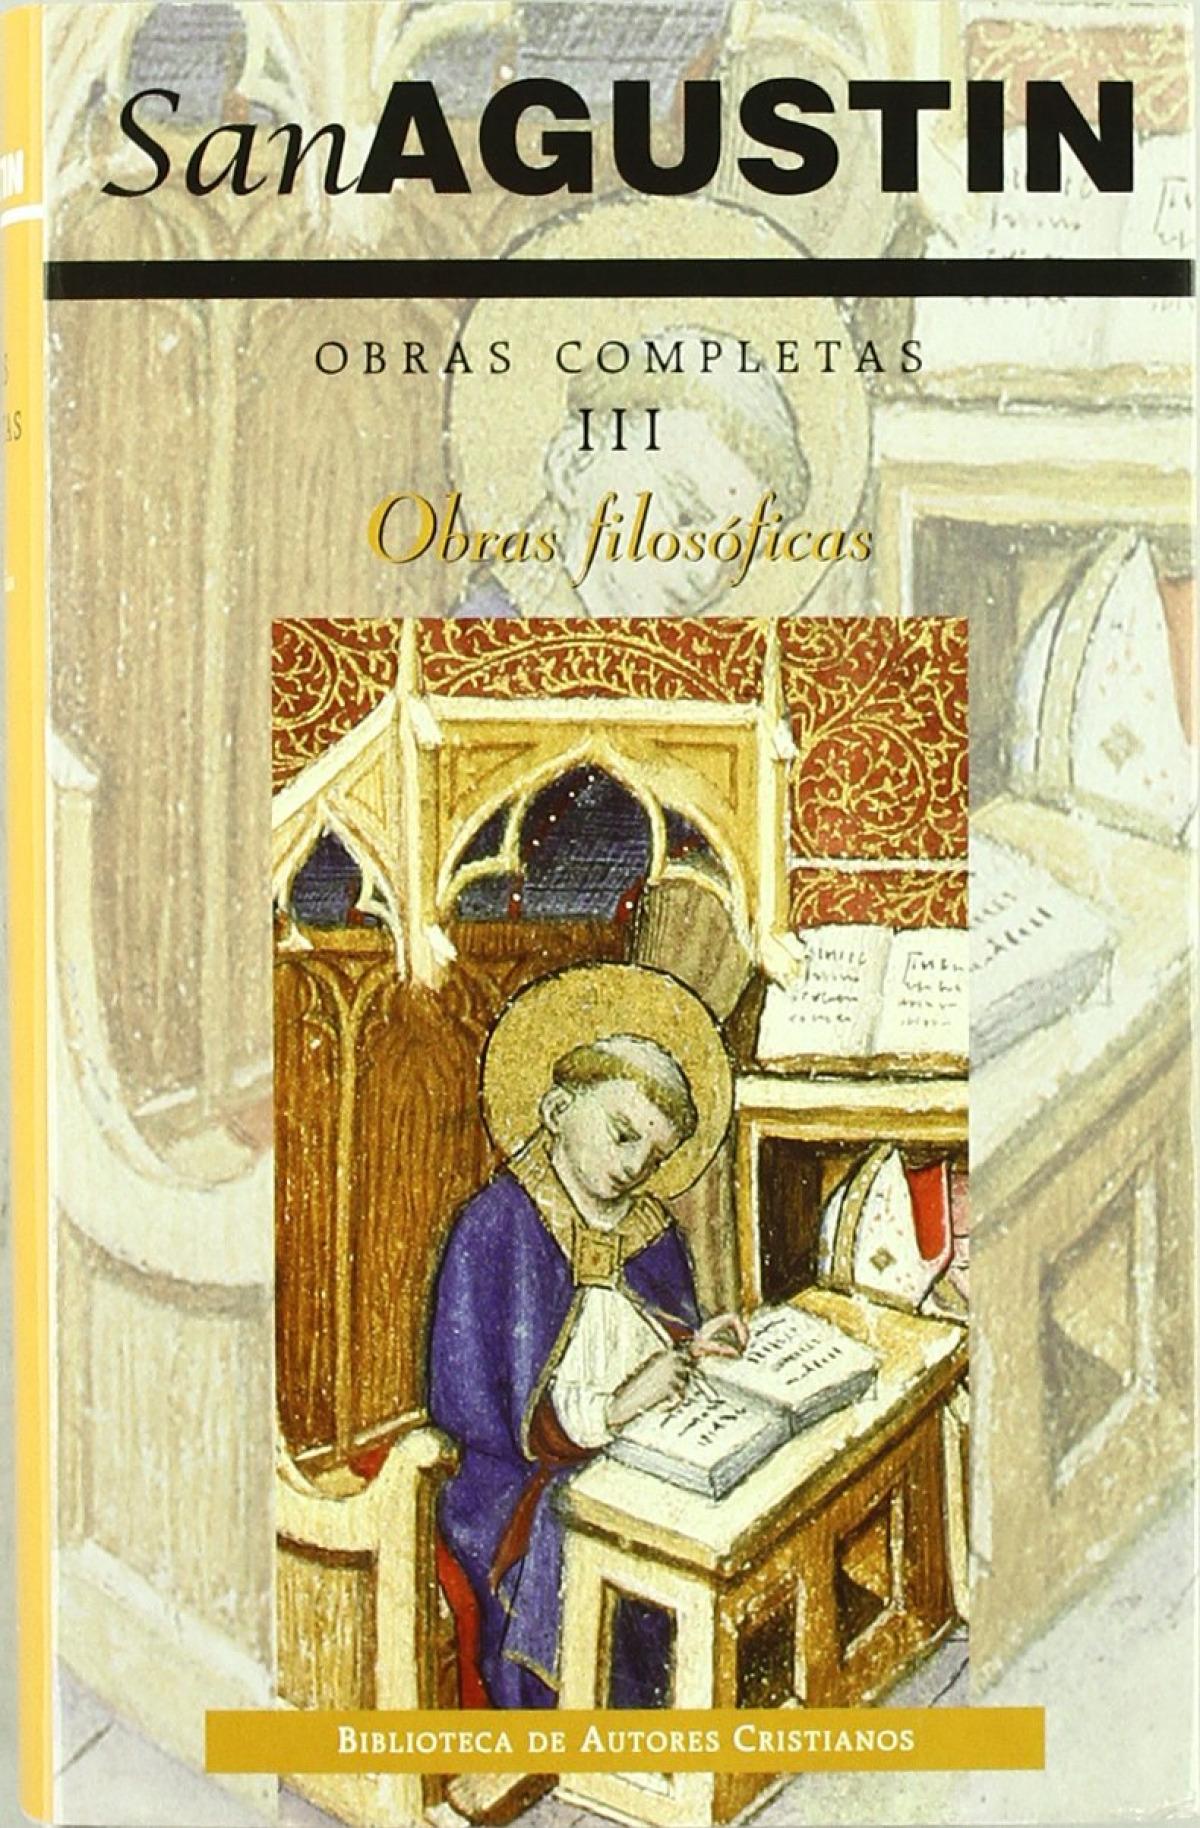 Obras completas de San Agustín.III: Obras filosóficas - San Agustín